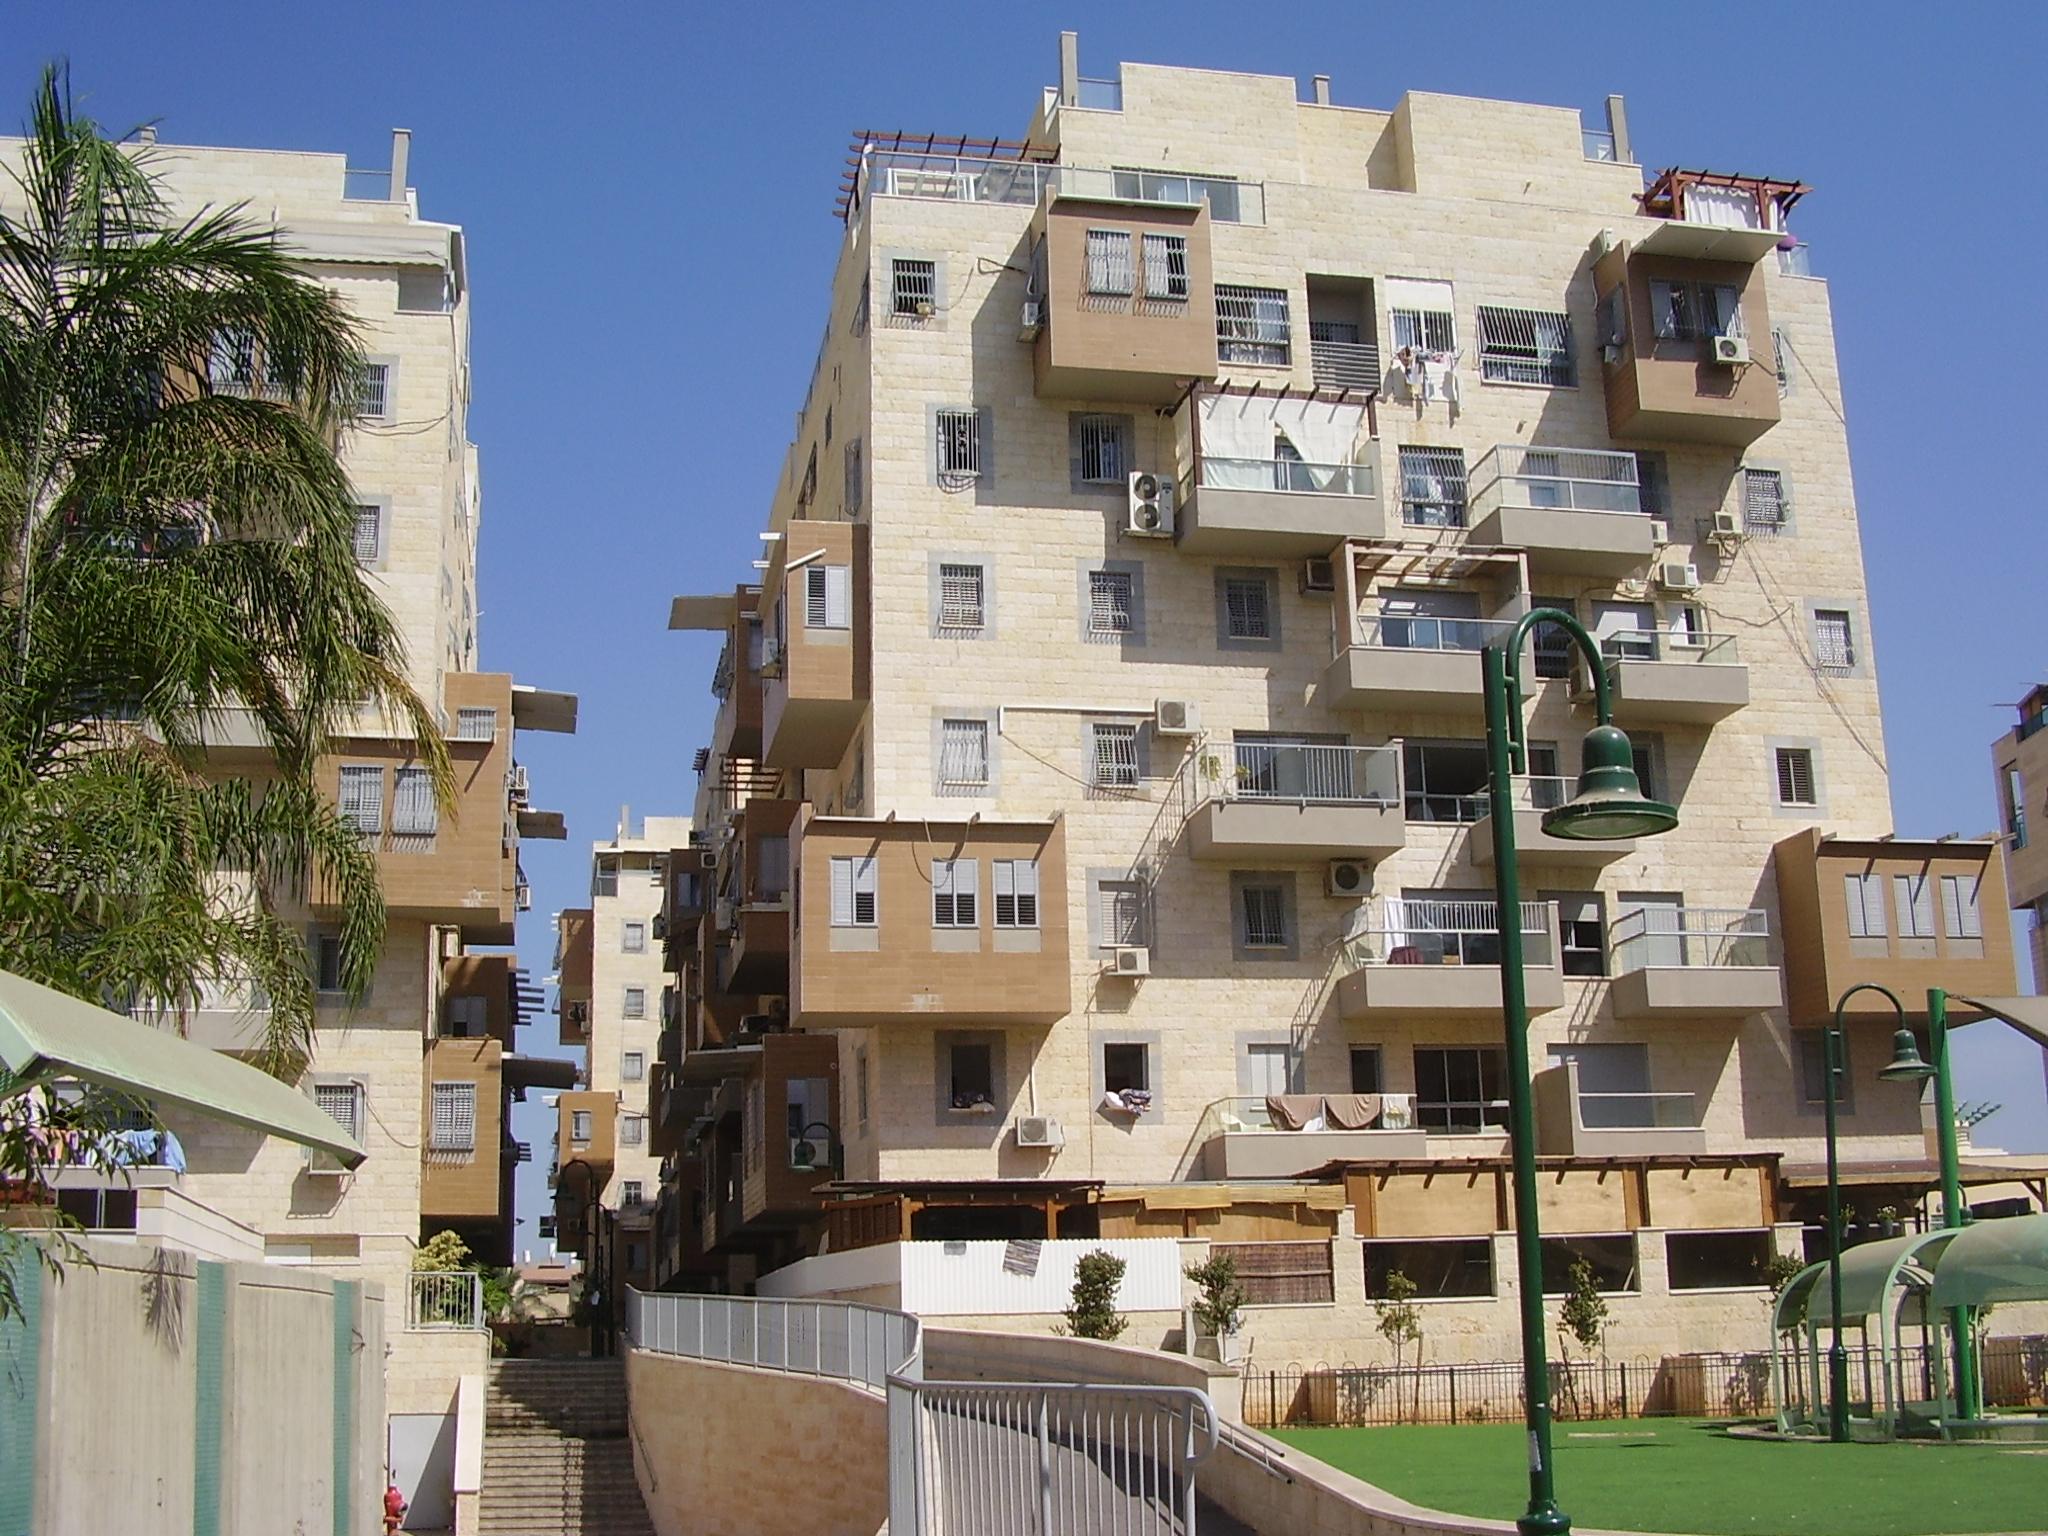 La mayoría de los edificios de Israel no están preparados para terremoto